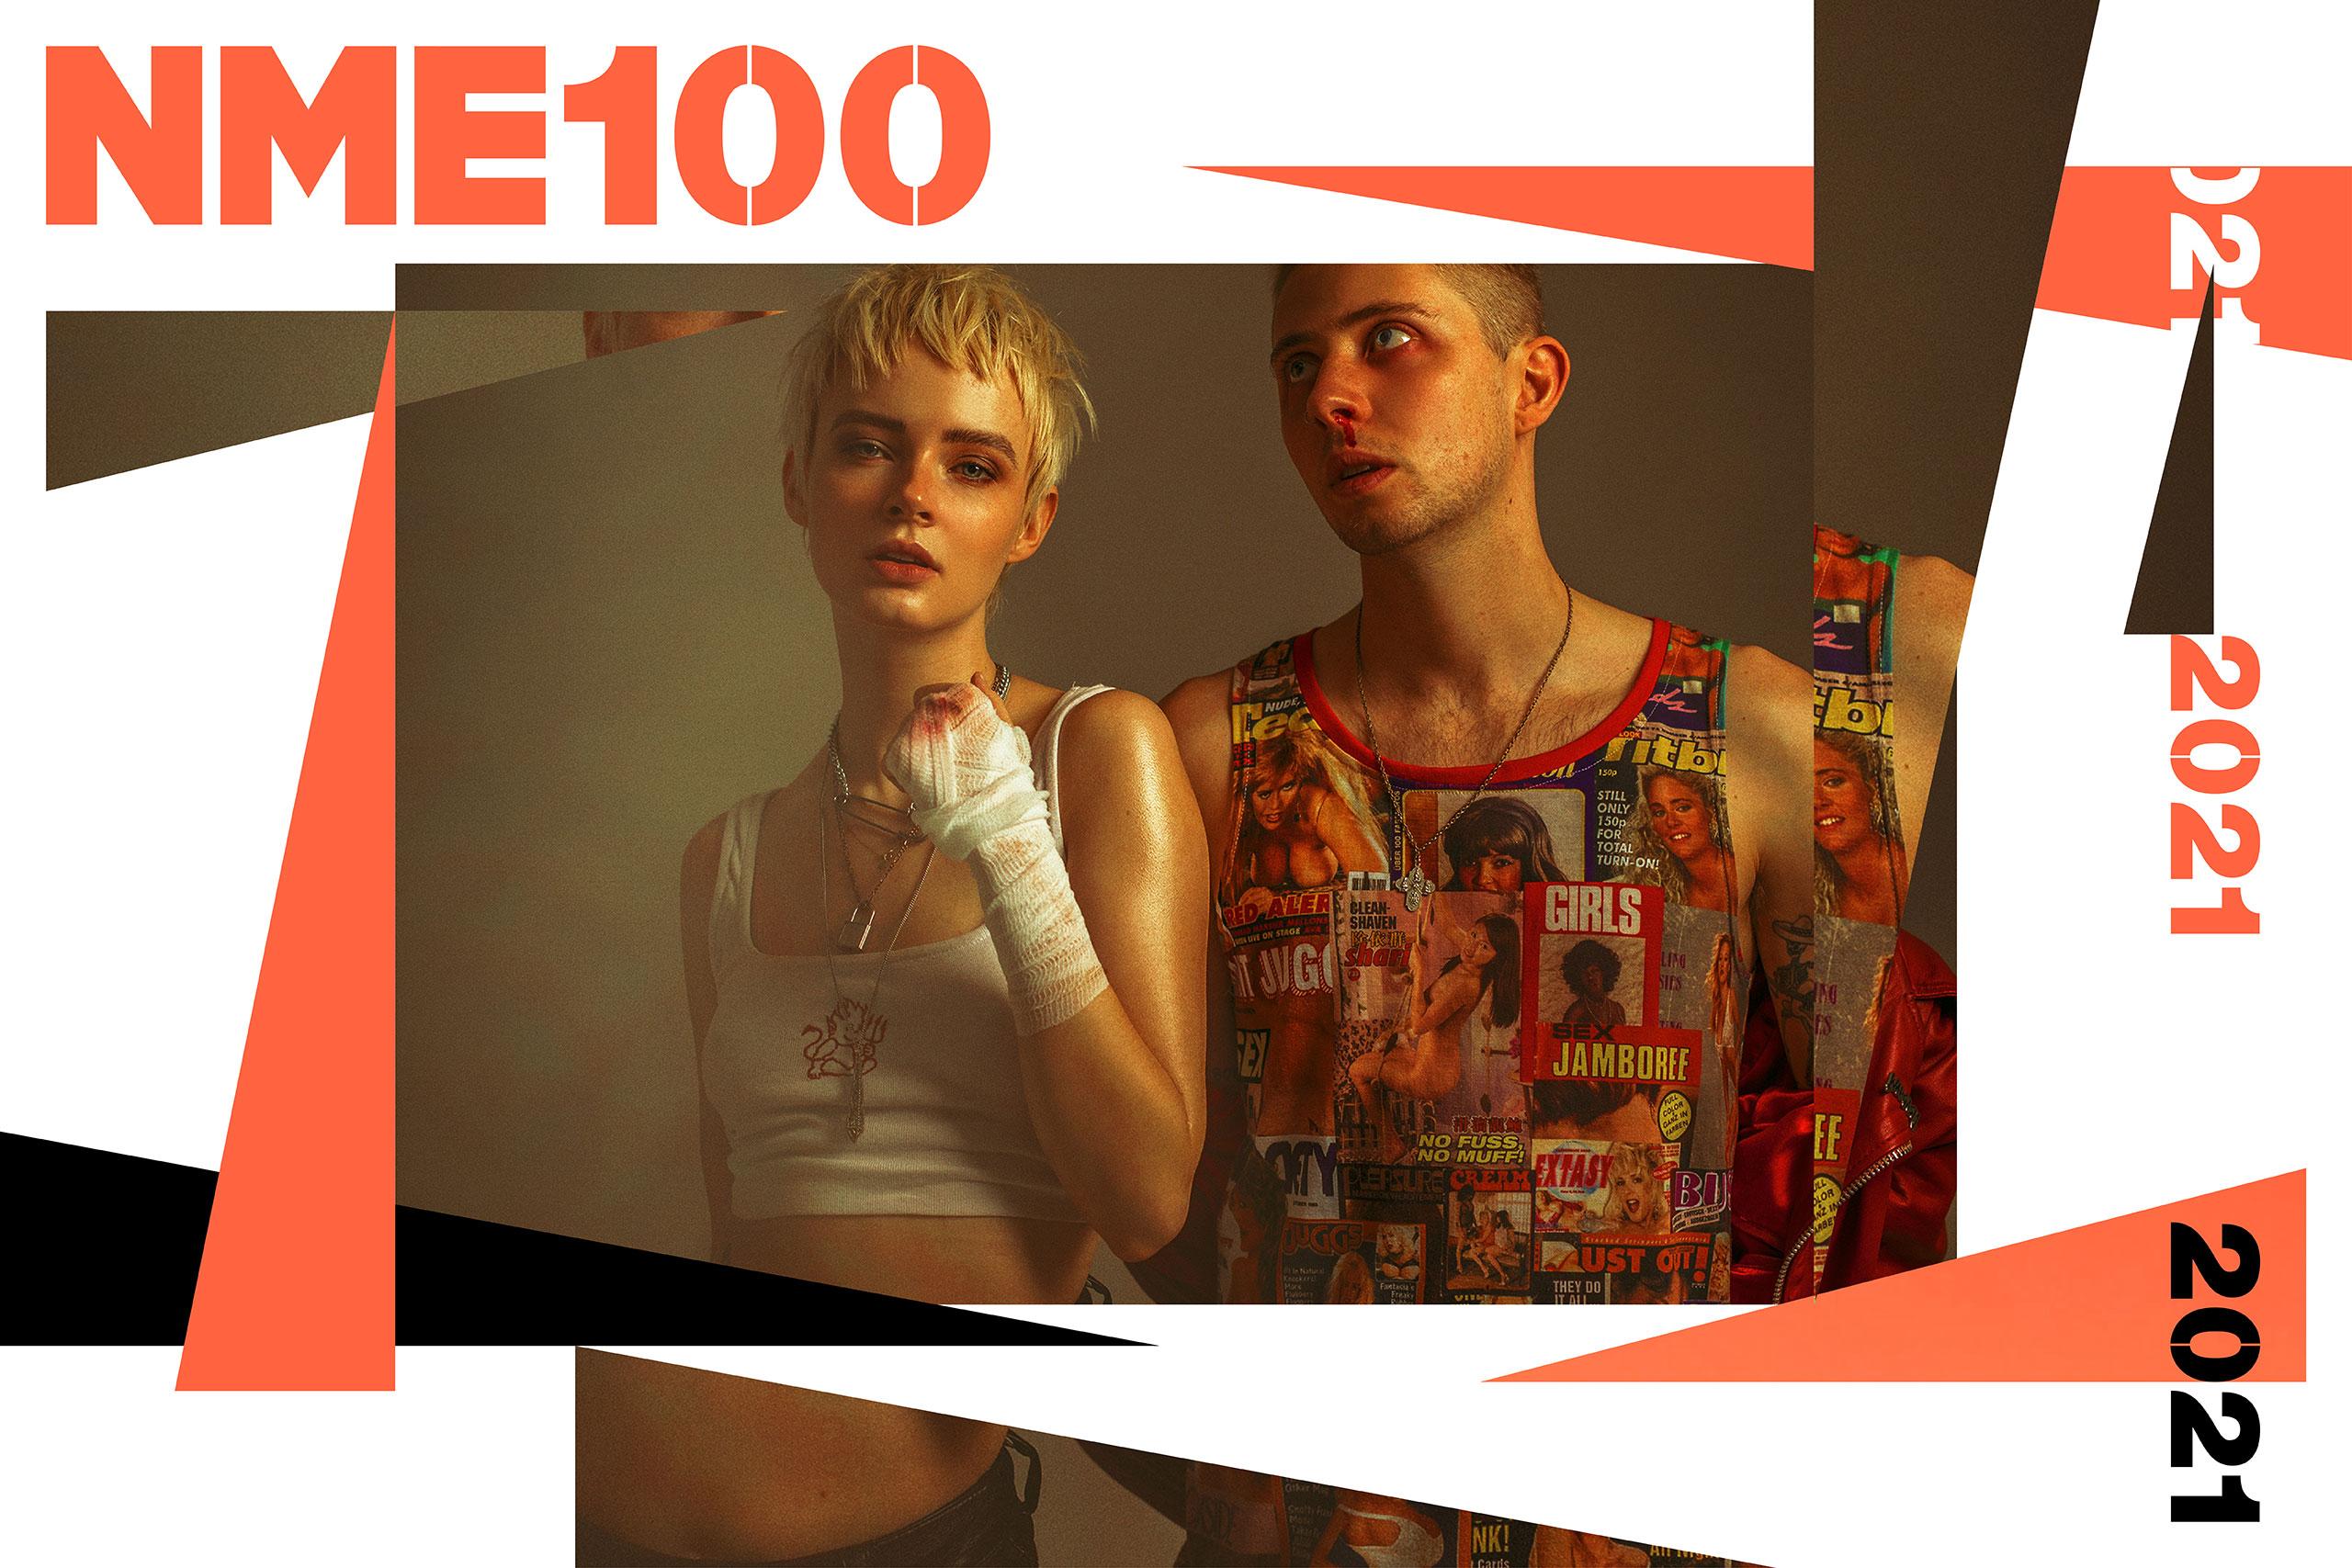 NME 100 wargasm